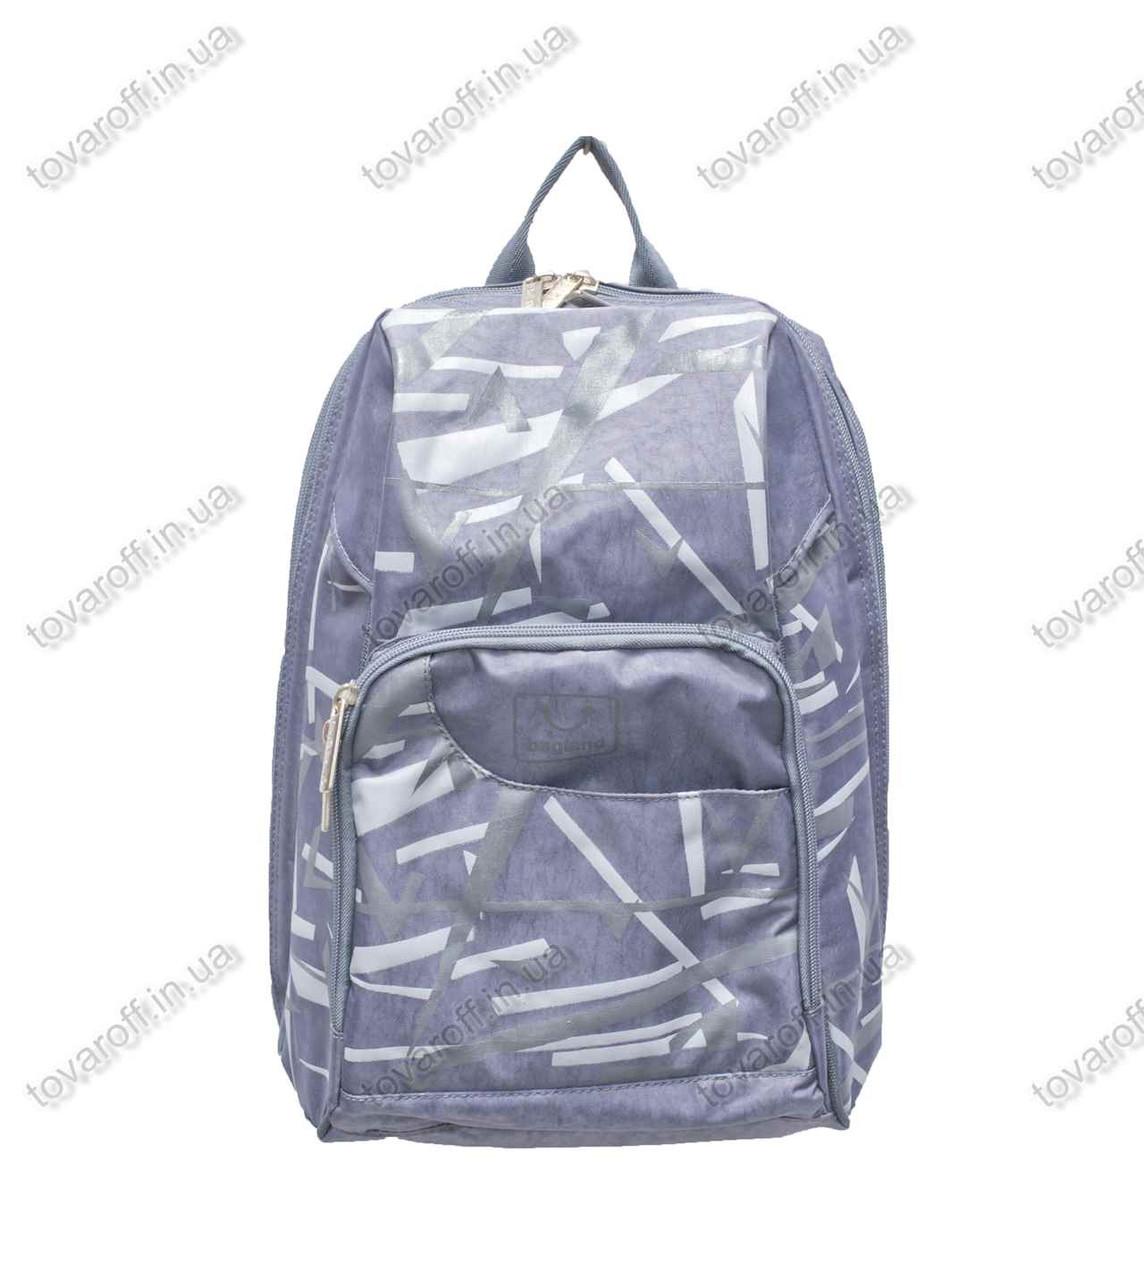 Оптом рюкзак школьный/городской - Серый - MeShock (Bagland) - 14970